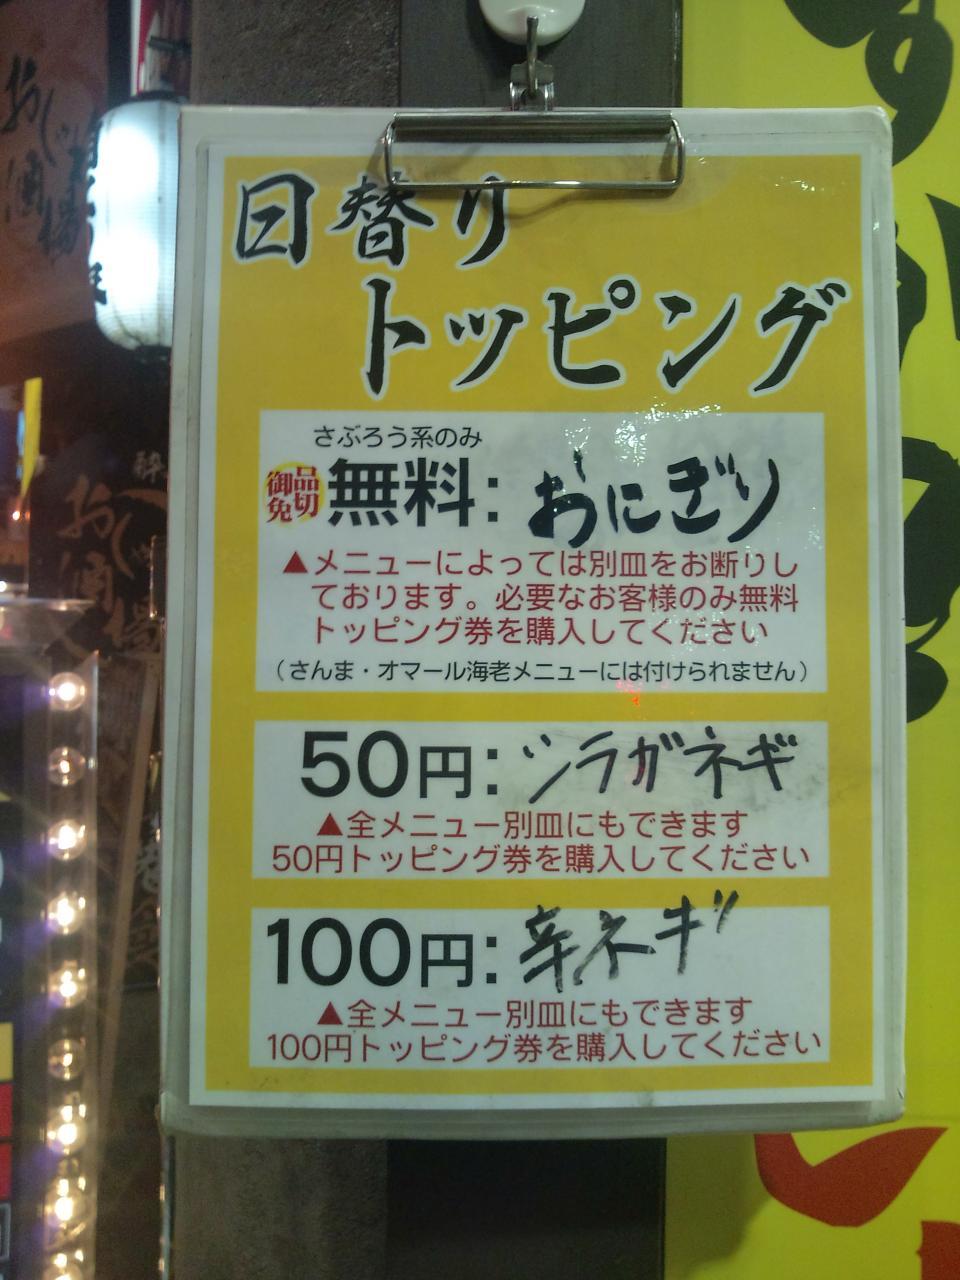 らーめん朗朗朗吉祥寺店(無料トッピング)